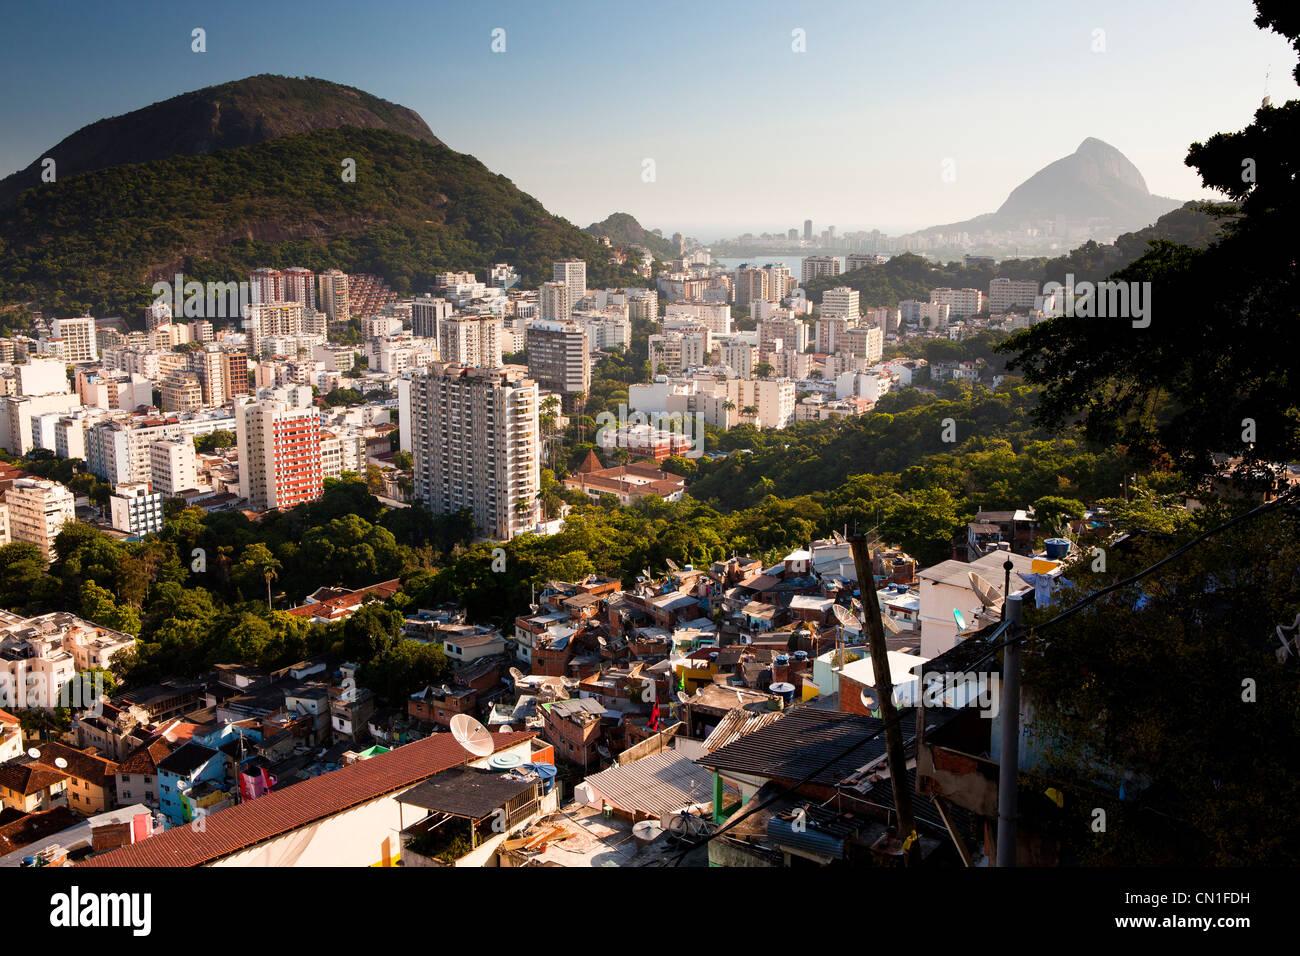 Quartier Botafogo et Rodrigo de Freitas Lagoon vu de Favela Santa Marta Rio de Janeiro Brésil, la pauvreté Photo Stock